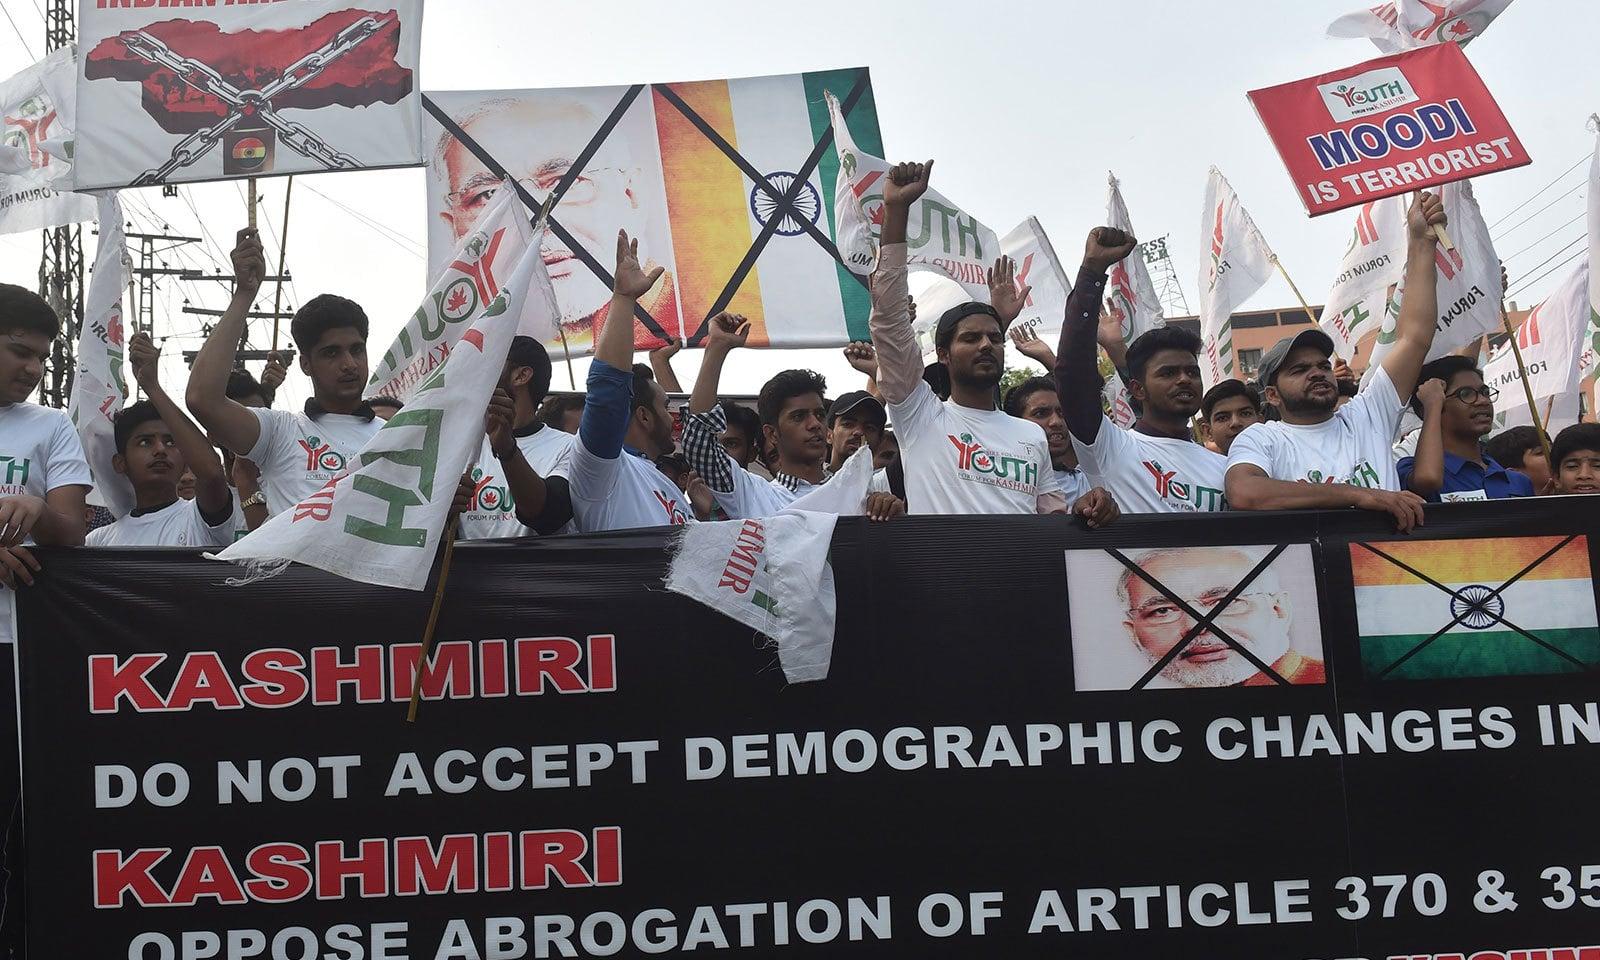 لاہور یوتھ فورم فار کشمیرنے بھارتی اقدام کے خلاف احتجاج کیا  — فوٹو: اے ایف پی